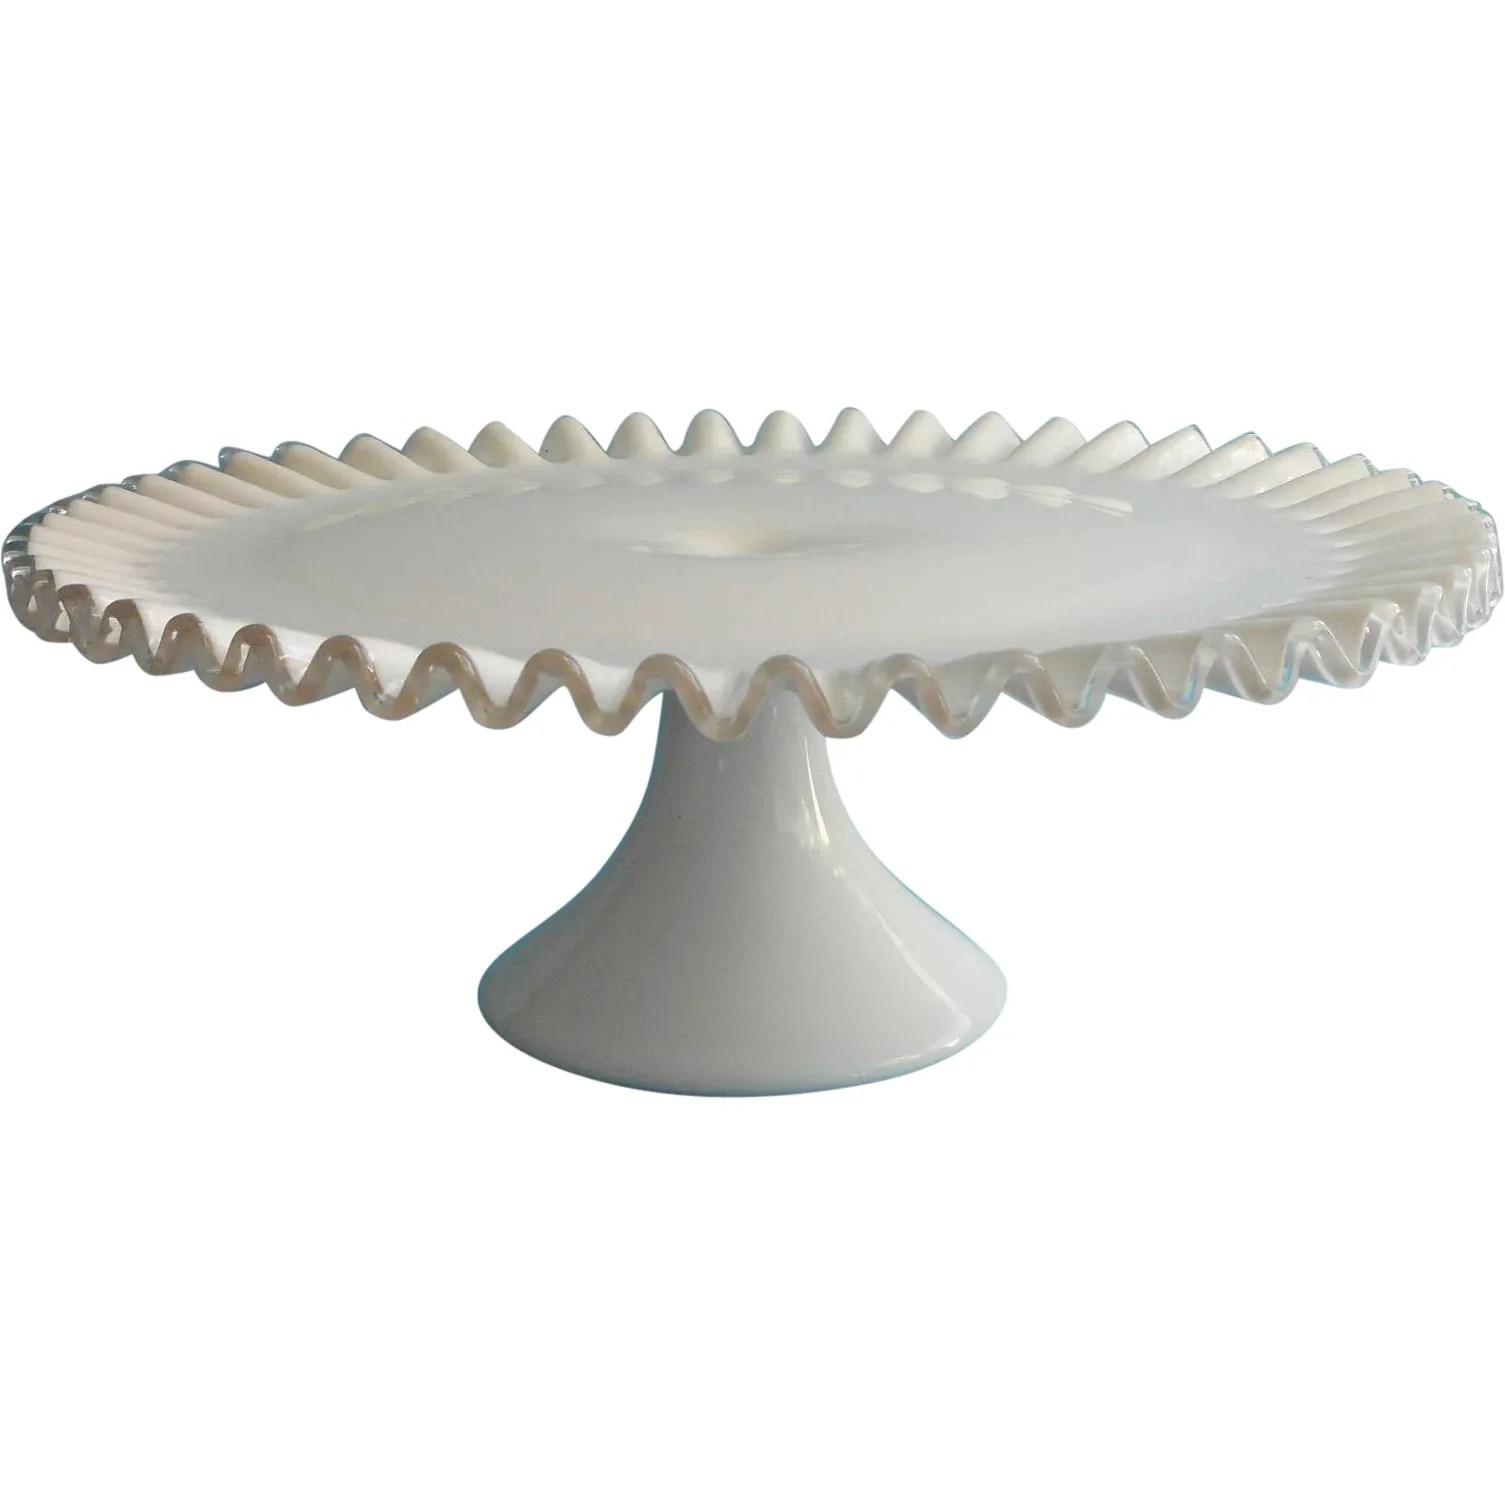 Fenton Cake Stand Pedestal Silver Crest Milk White Glass